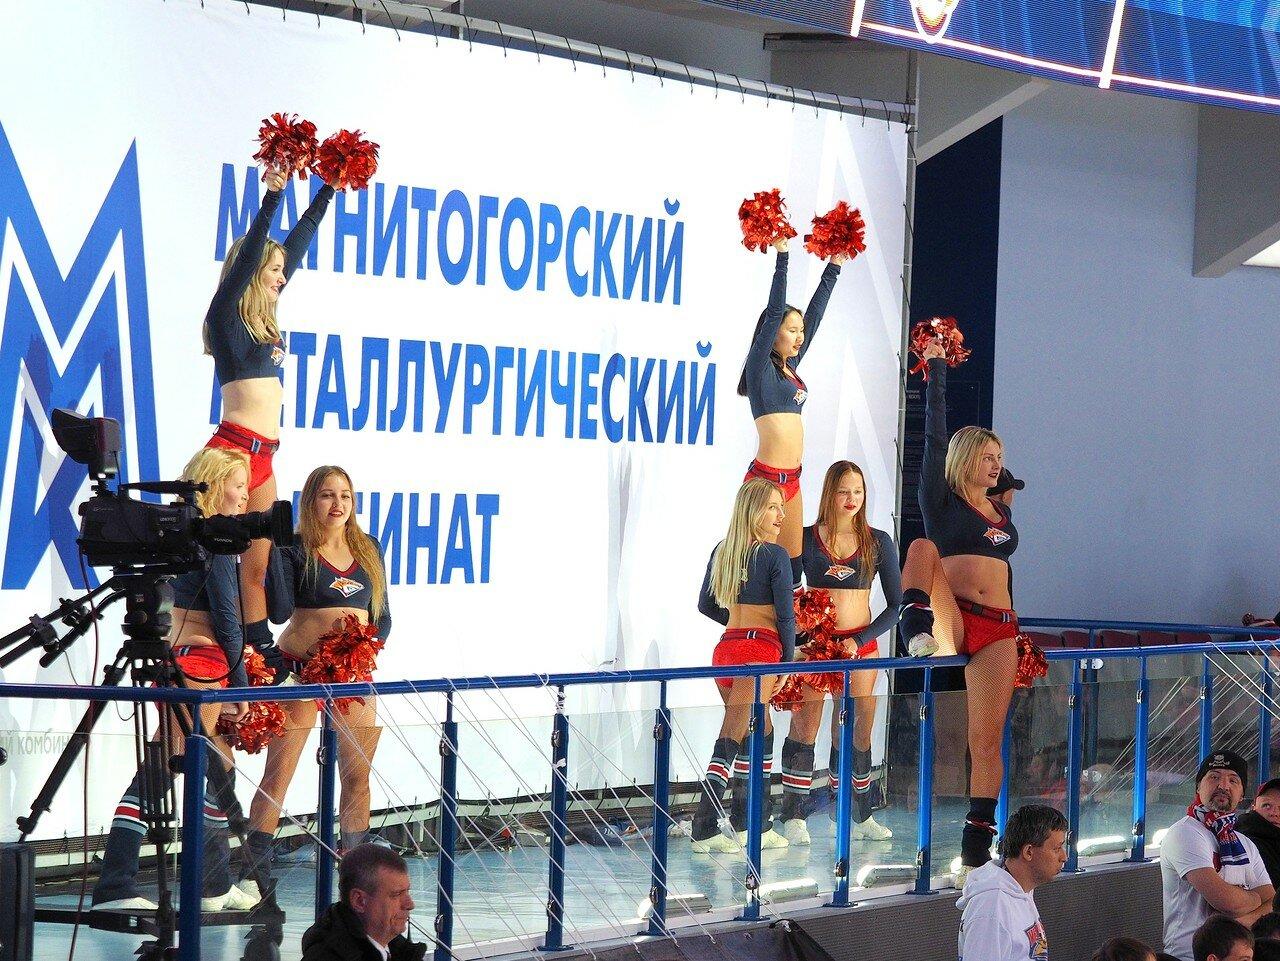 58Металлург - Автомобилист 10.10.2016